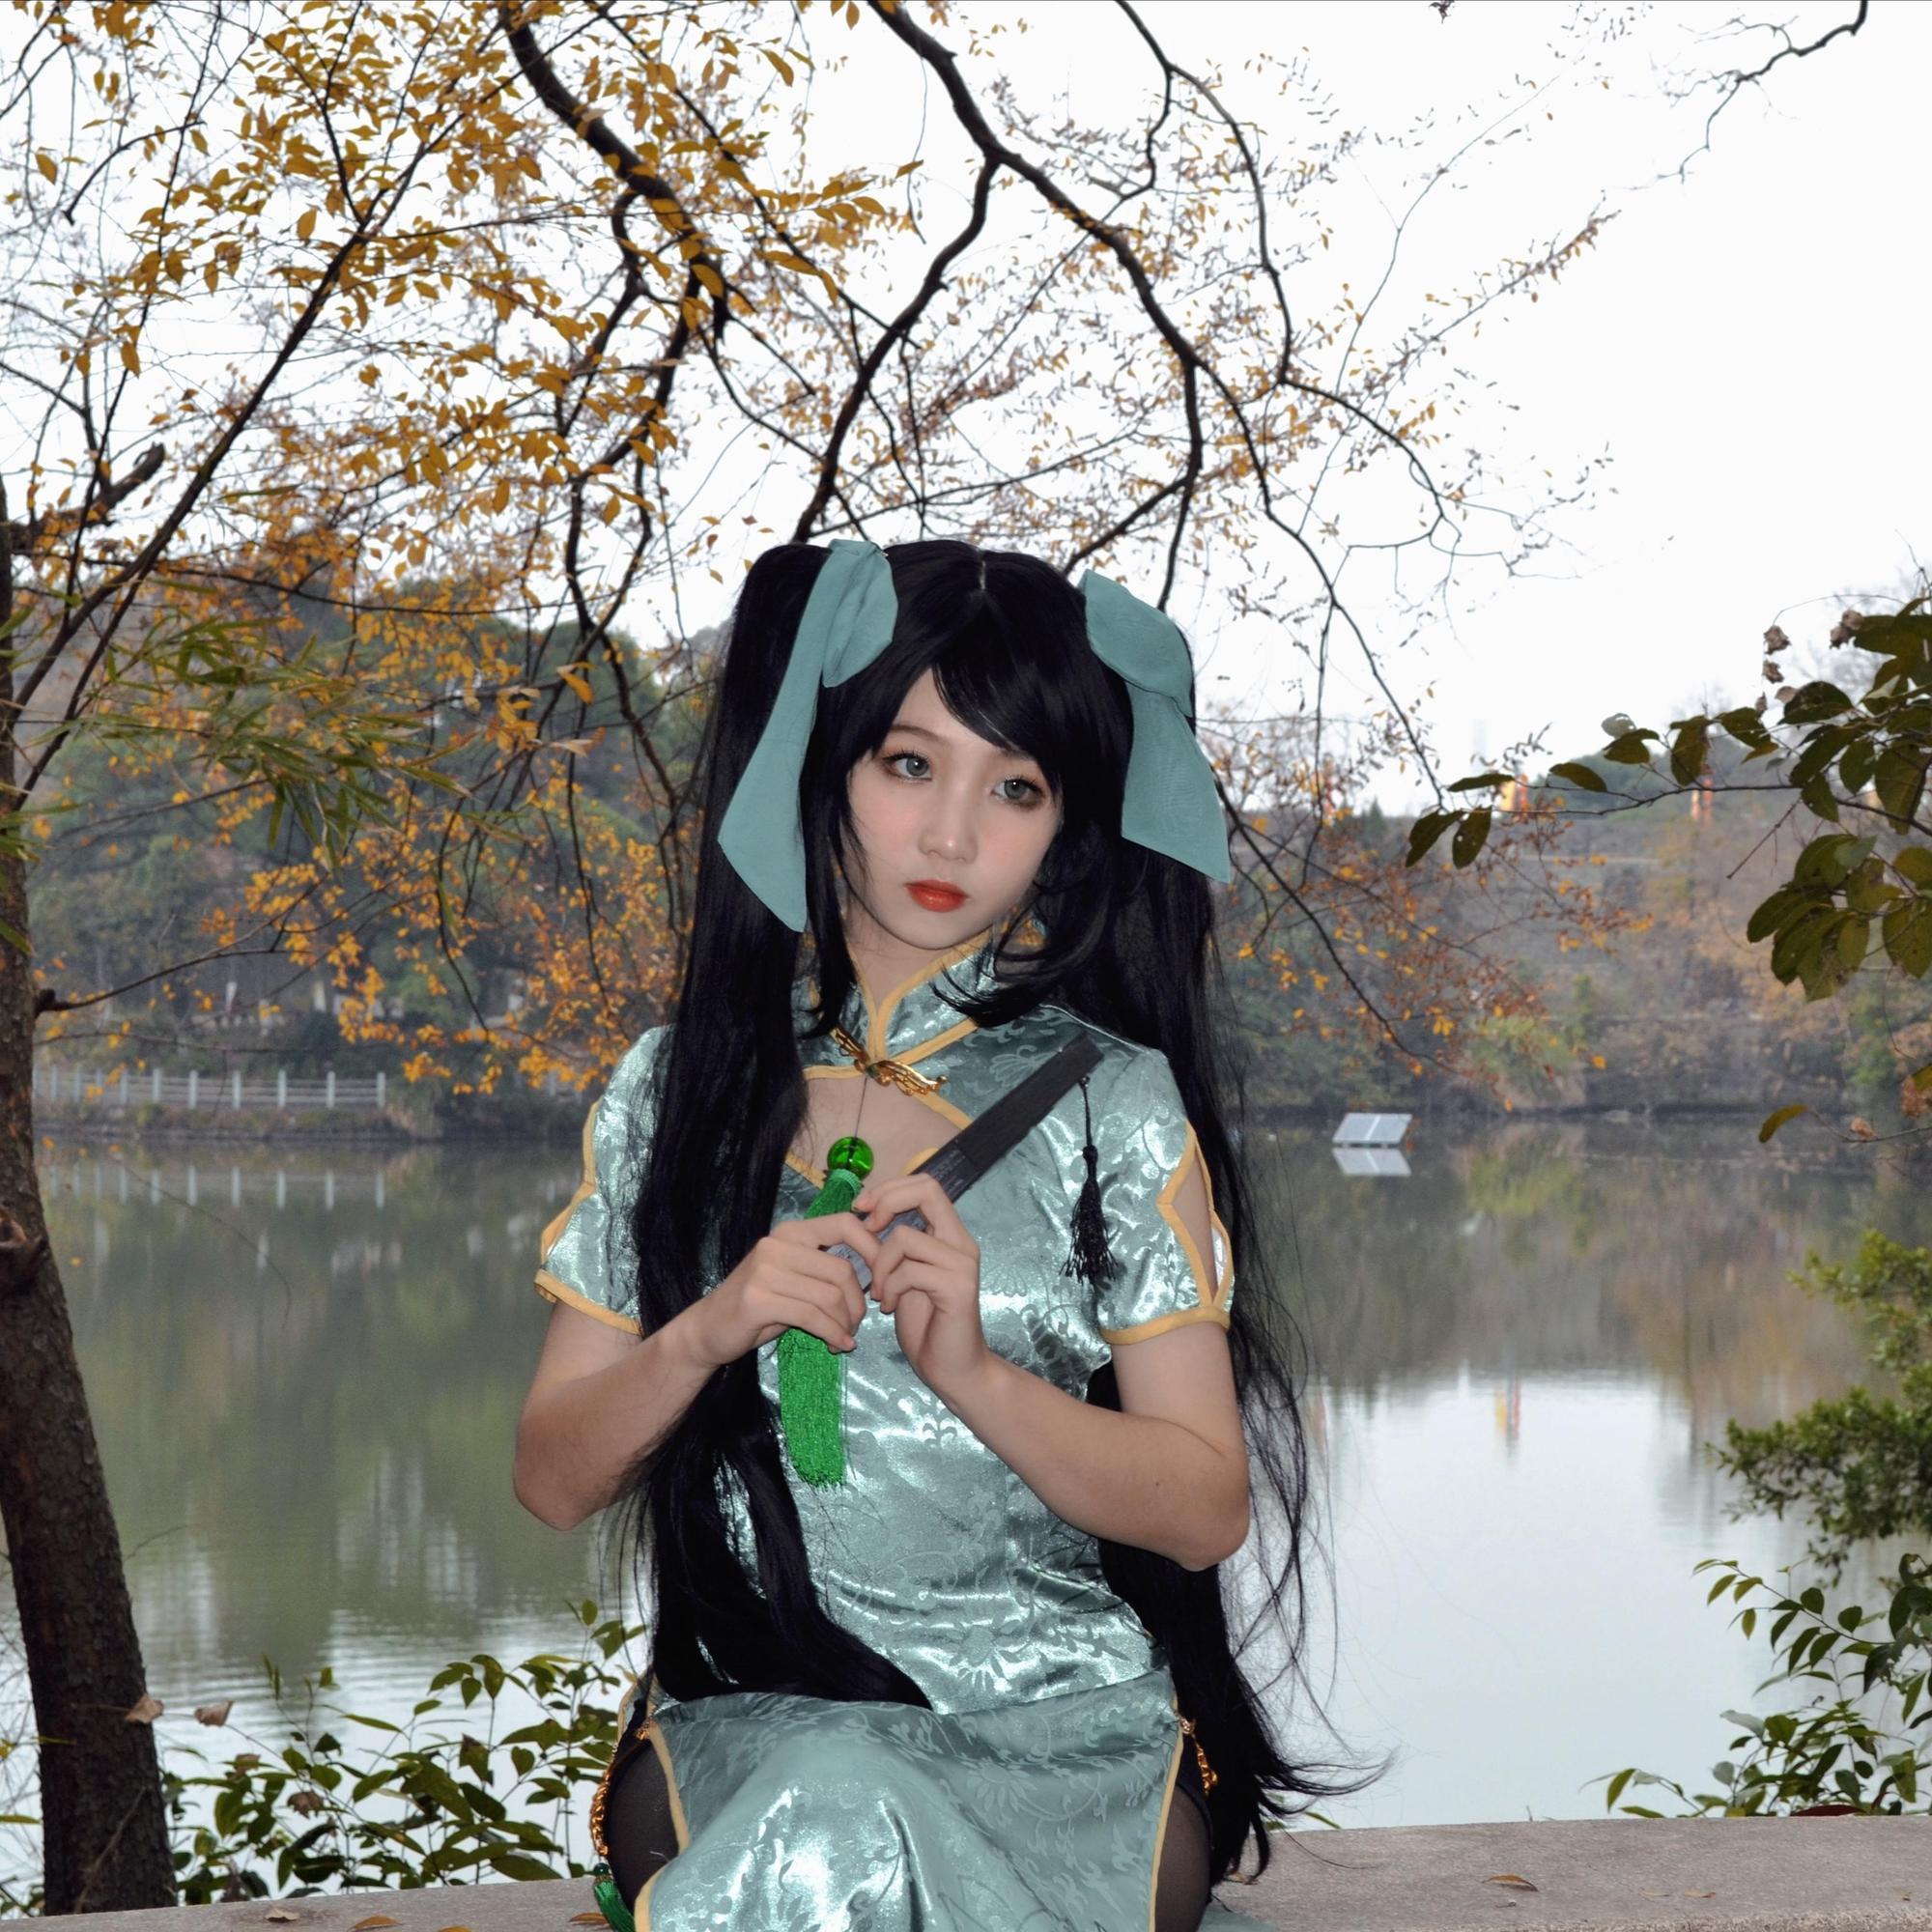 《王者荣耀》孙尚香旗袍cosplay【CN:生姜姜生姜生姜】-第5张